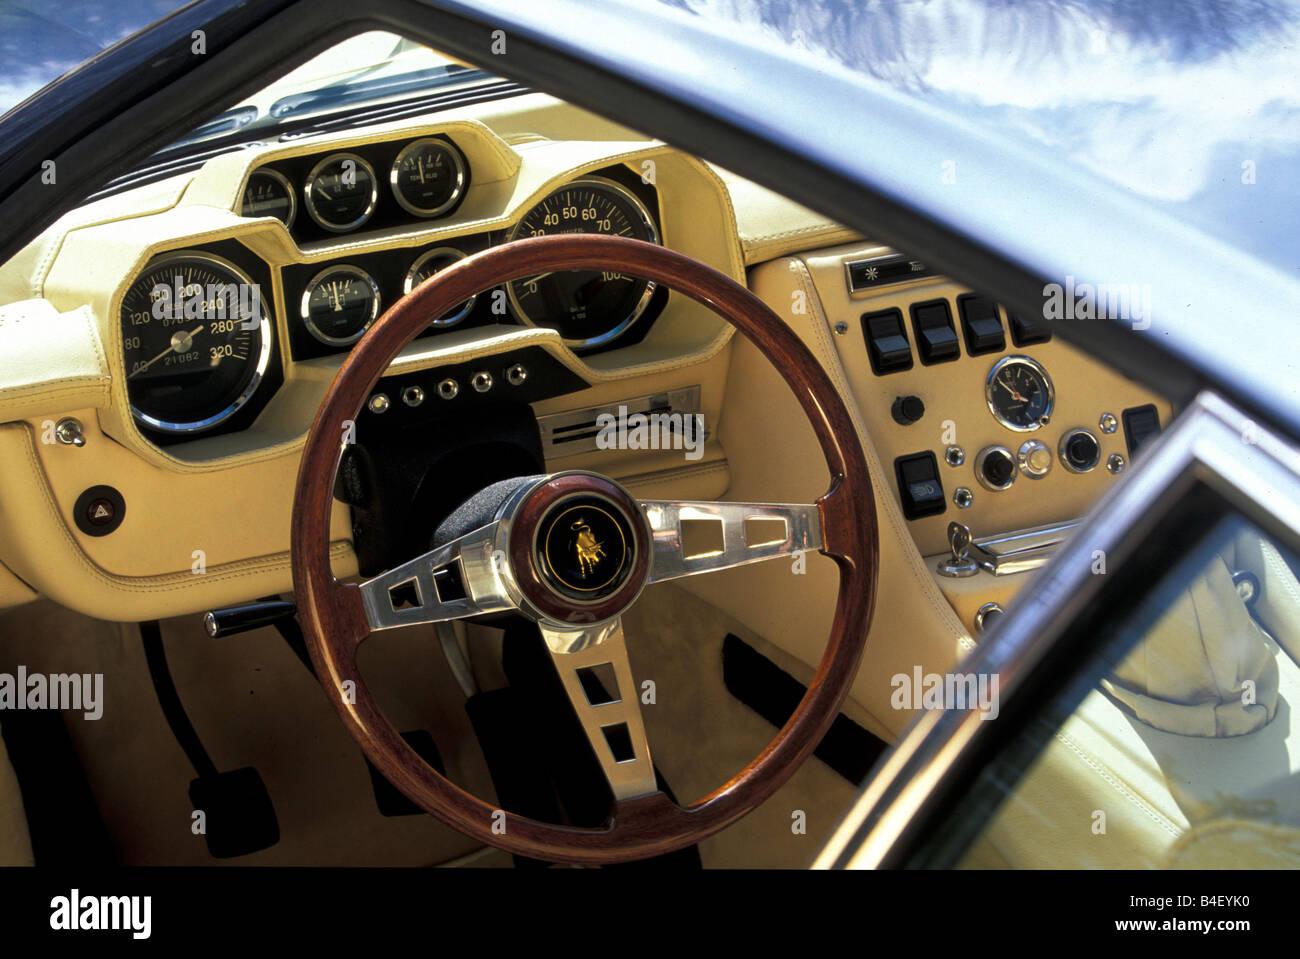 Car Lamborghini Espada 400 Gt Vintage Car 1960s